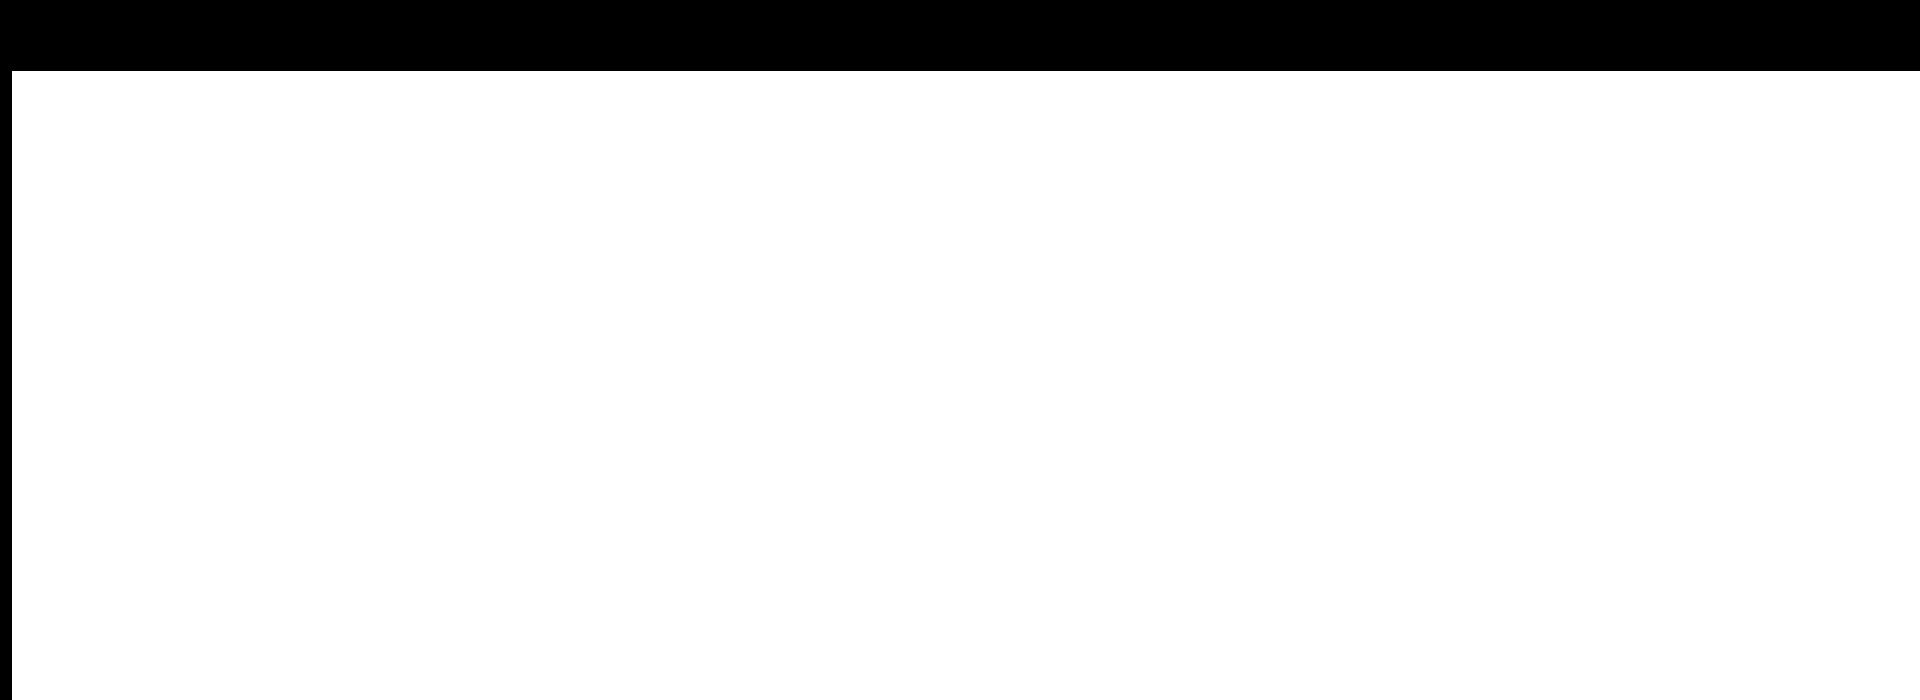 Stone Sharp Images